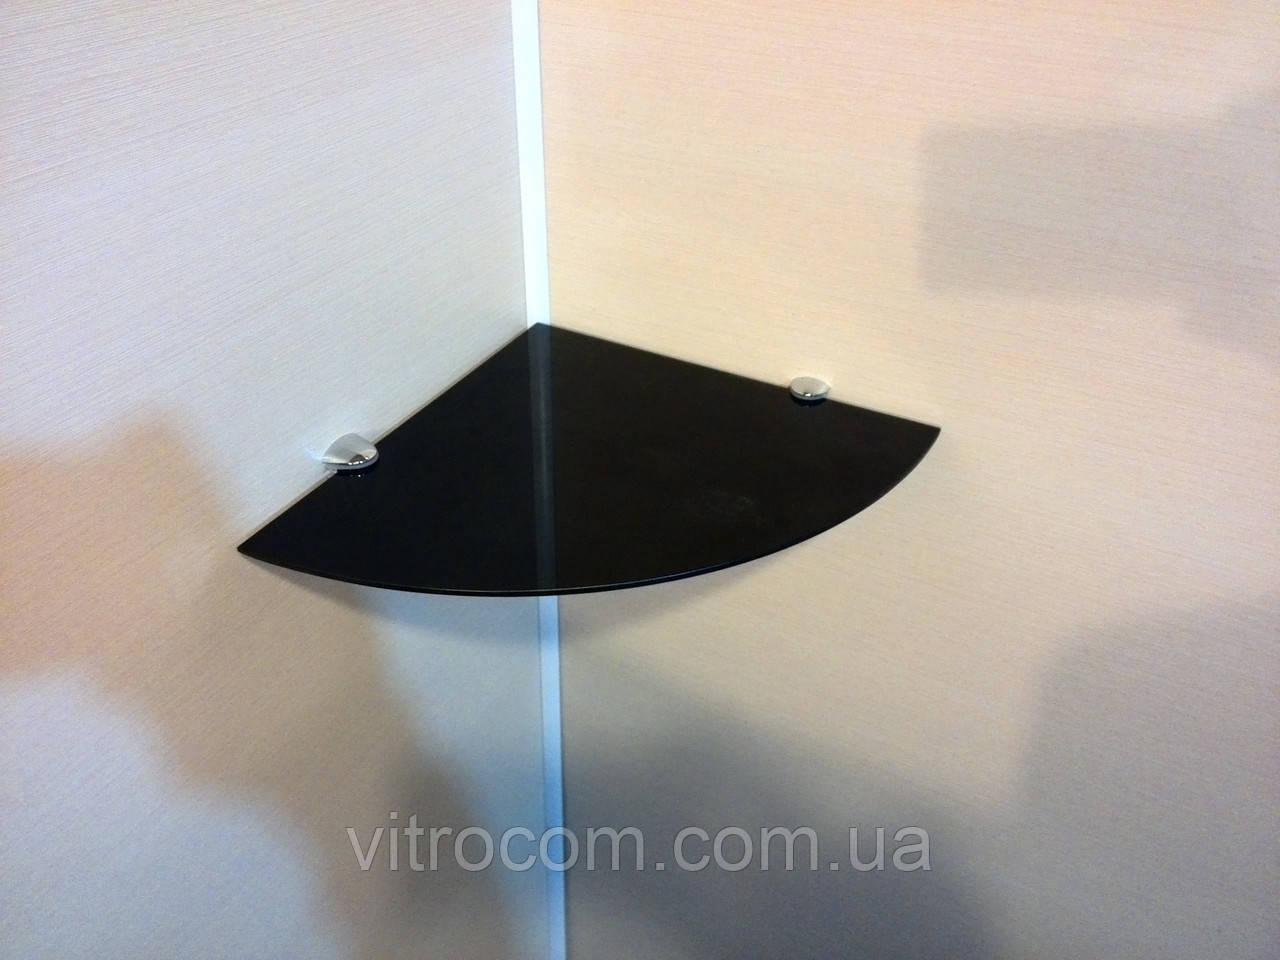 Полка стеклянная угловая 5 мм чёрная 20 х 20 см